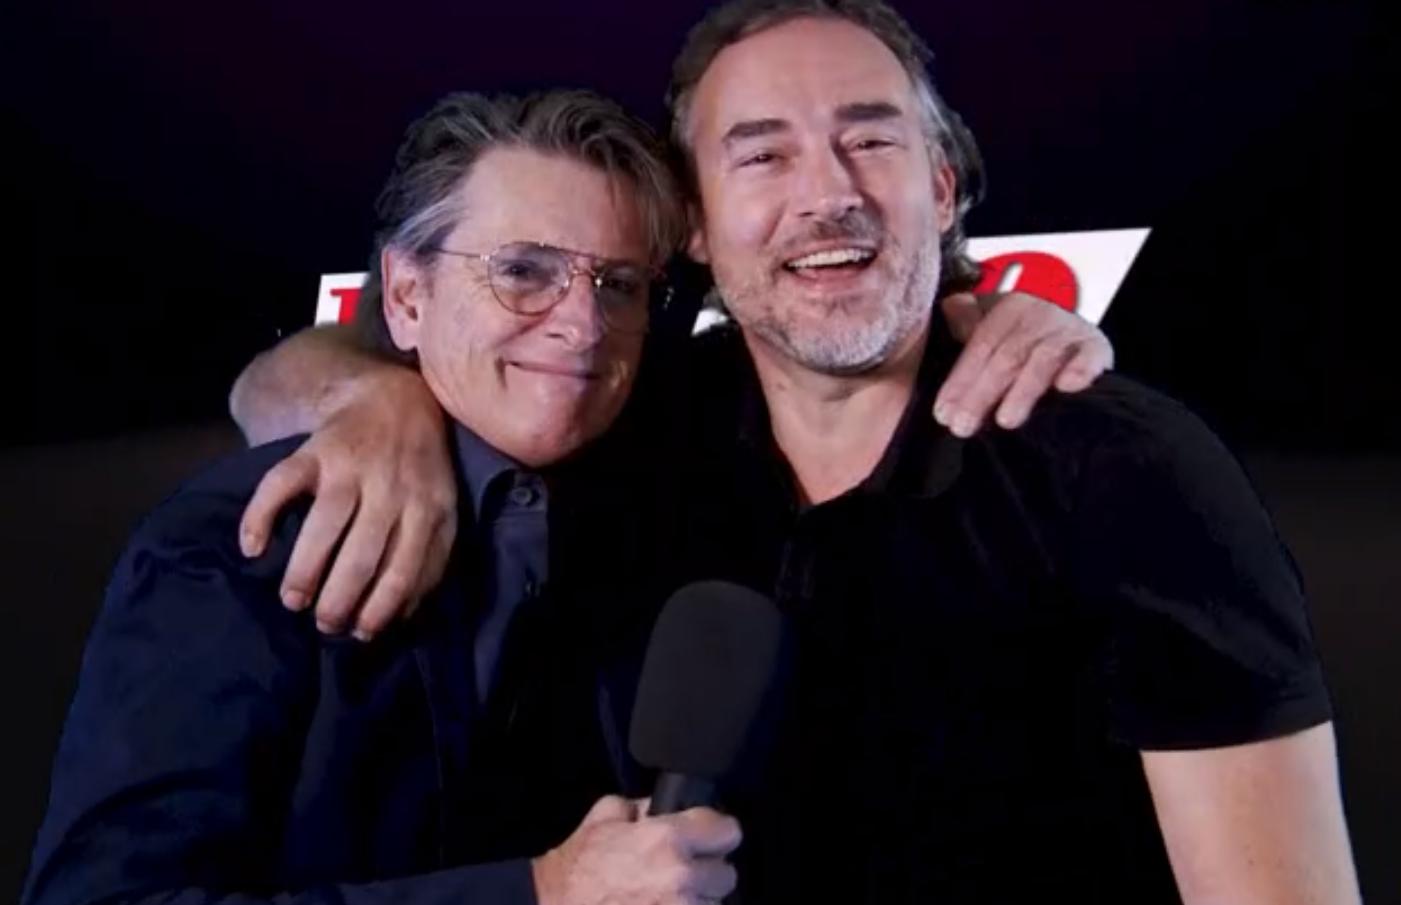 Dutch Radio: Jeroen Nieuwenhuize 20 jaar Top 40 (video)